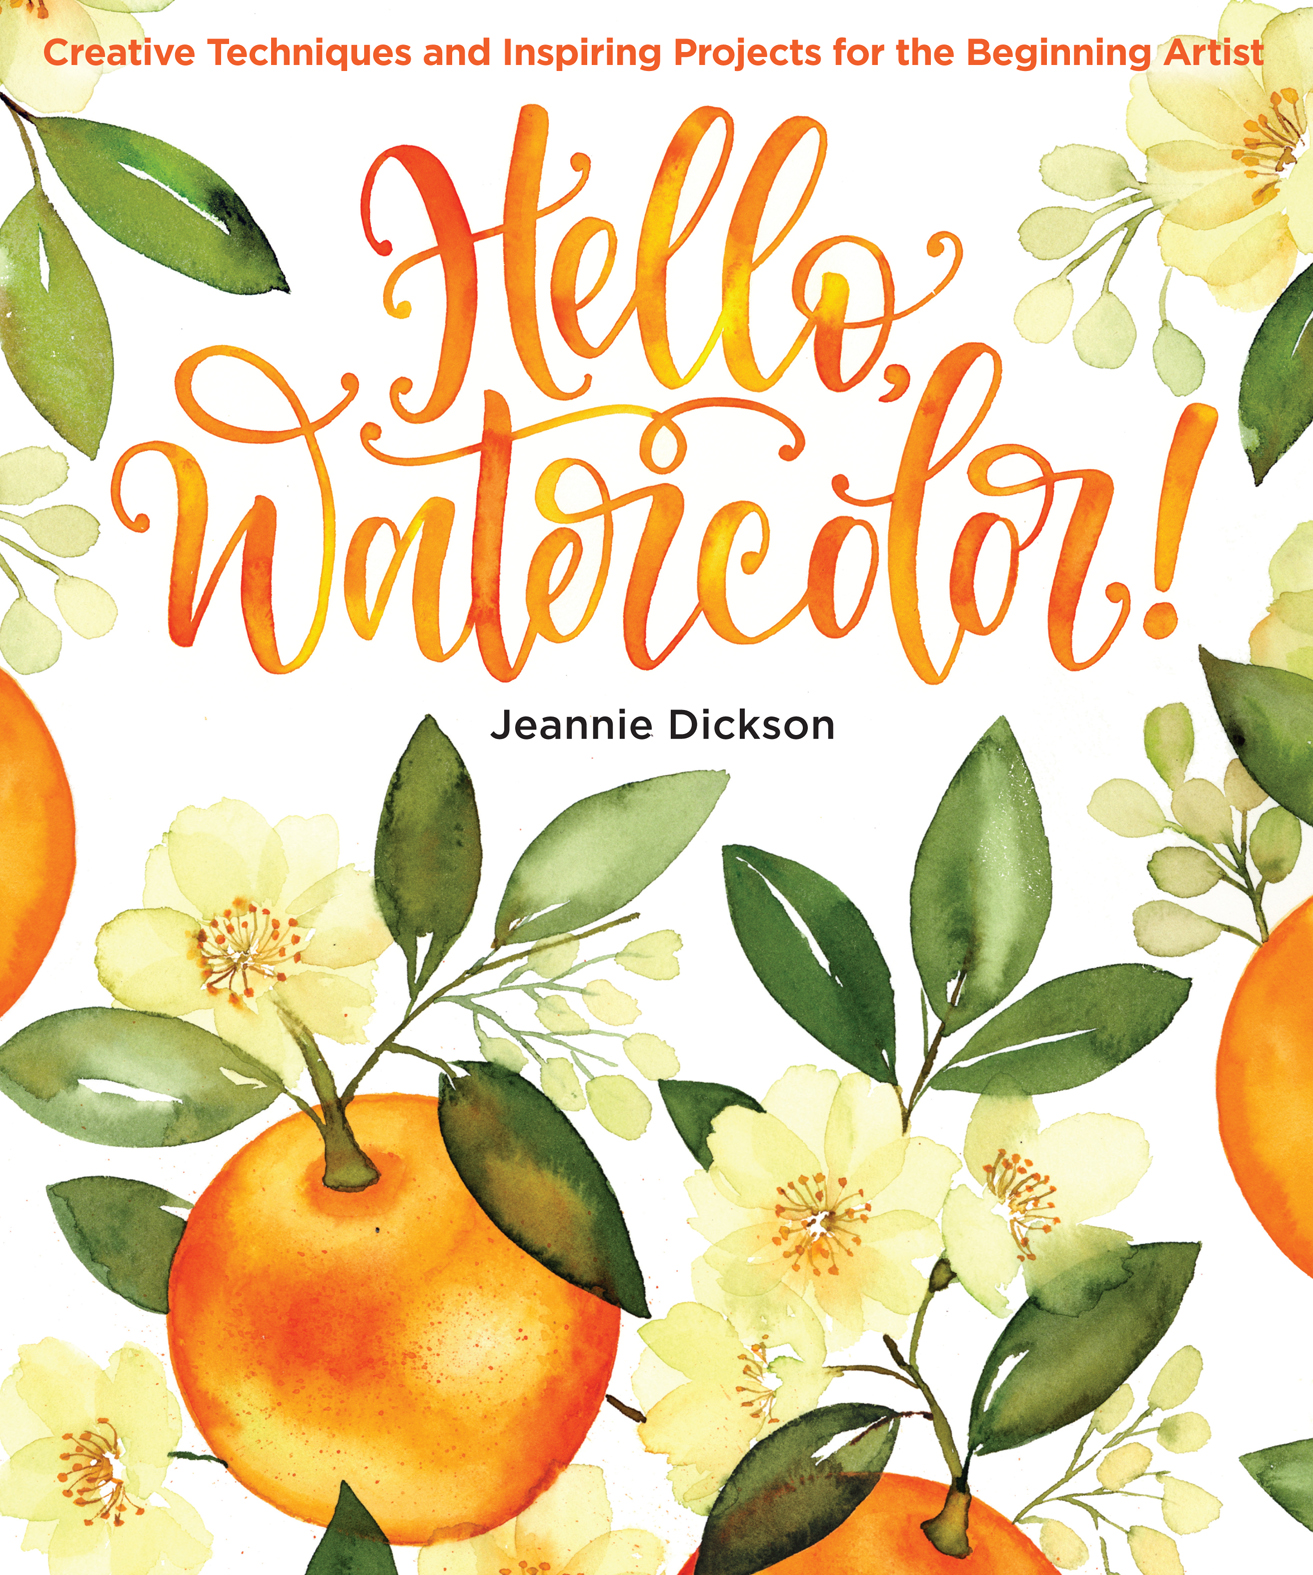 Davenport Iowa Arsenal Brand Patriotic Orange Citrus Fruit Crate Label Art Print